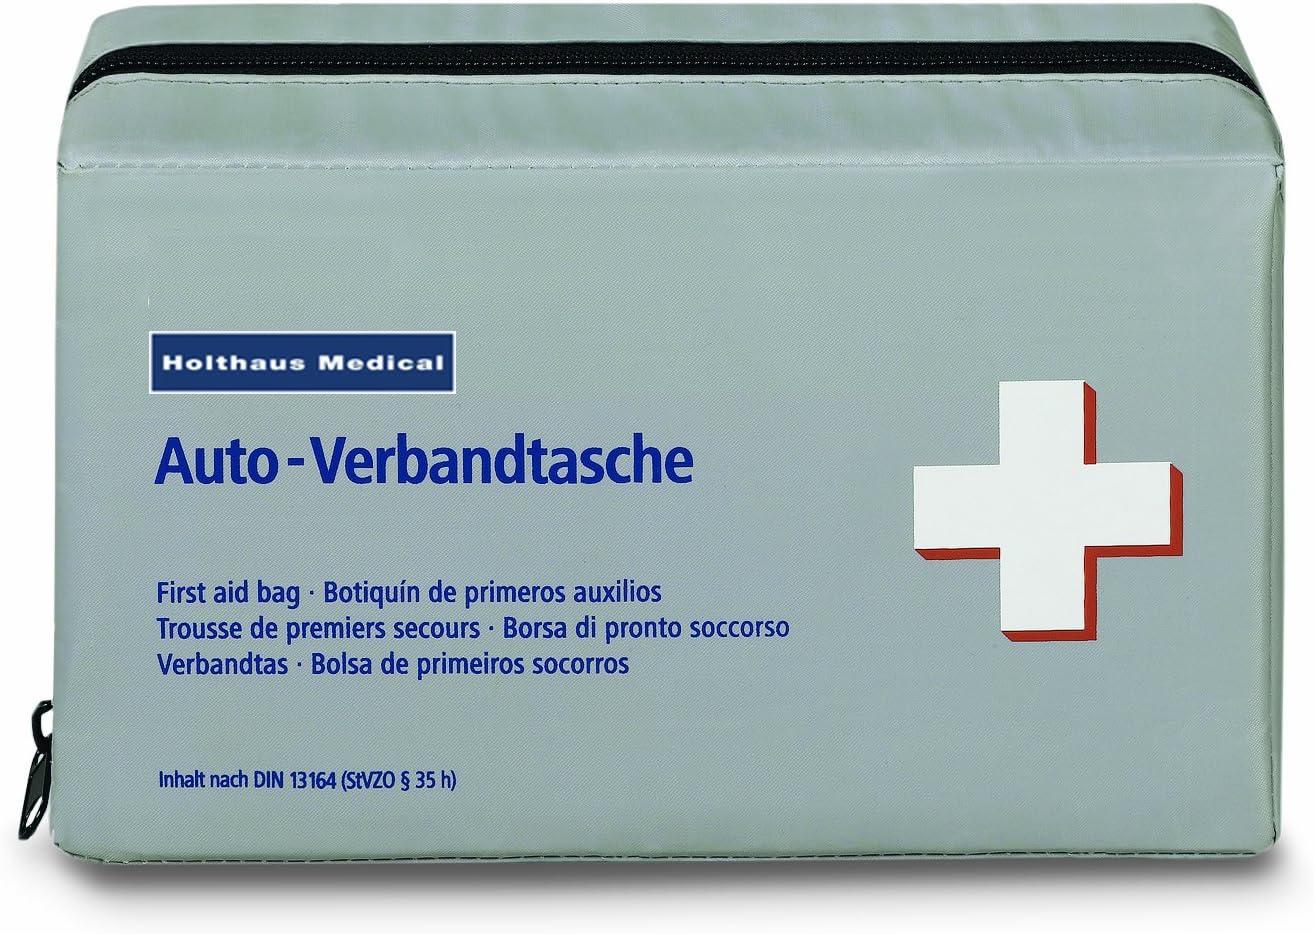 Holthaus Klassik Verbandtasche Auto Autoapotheke Auto